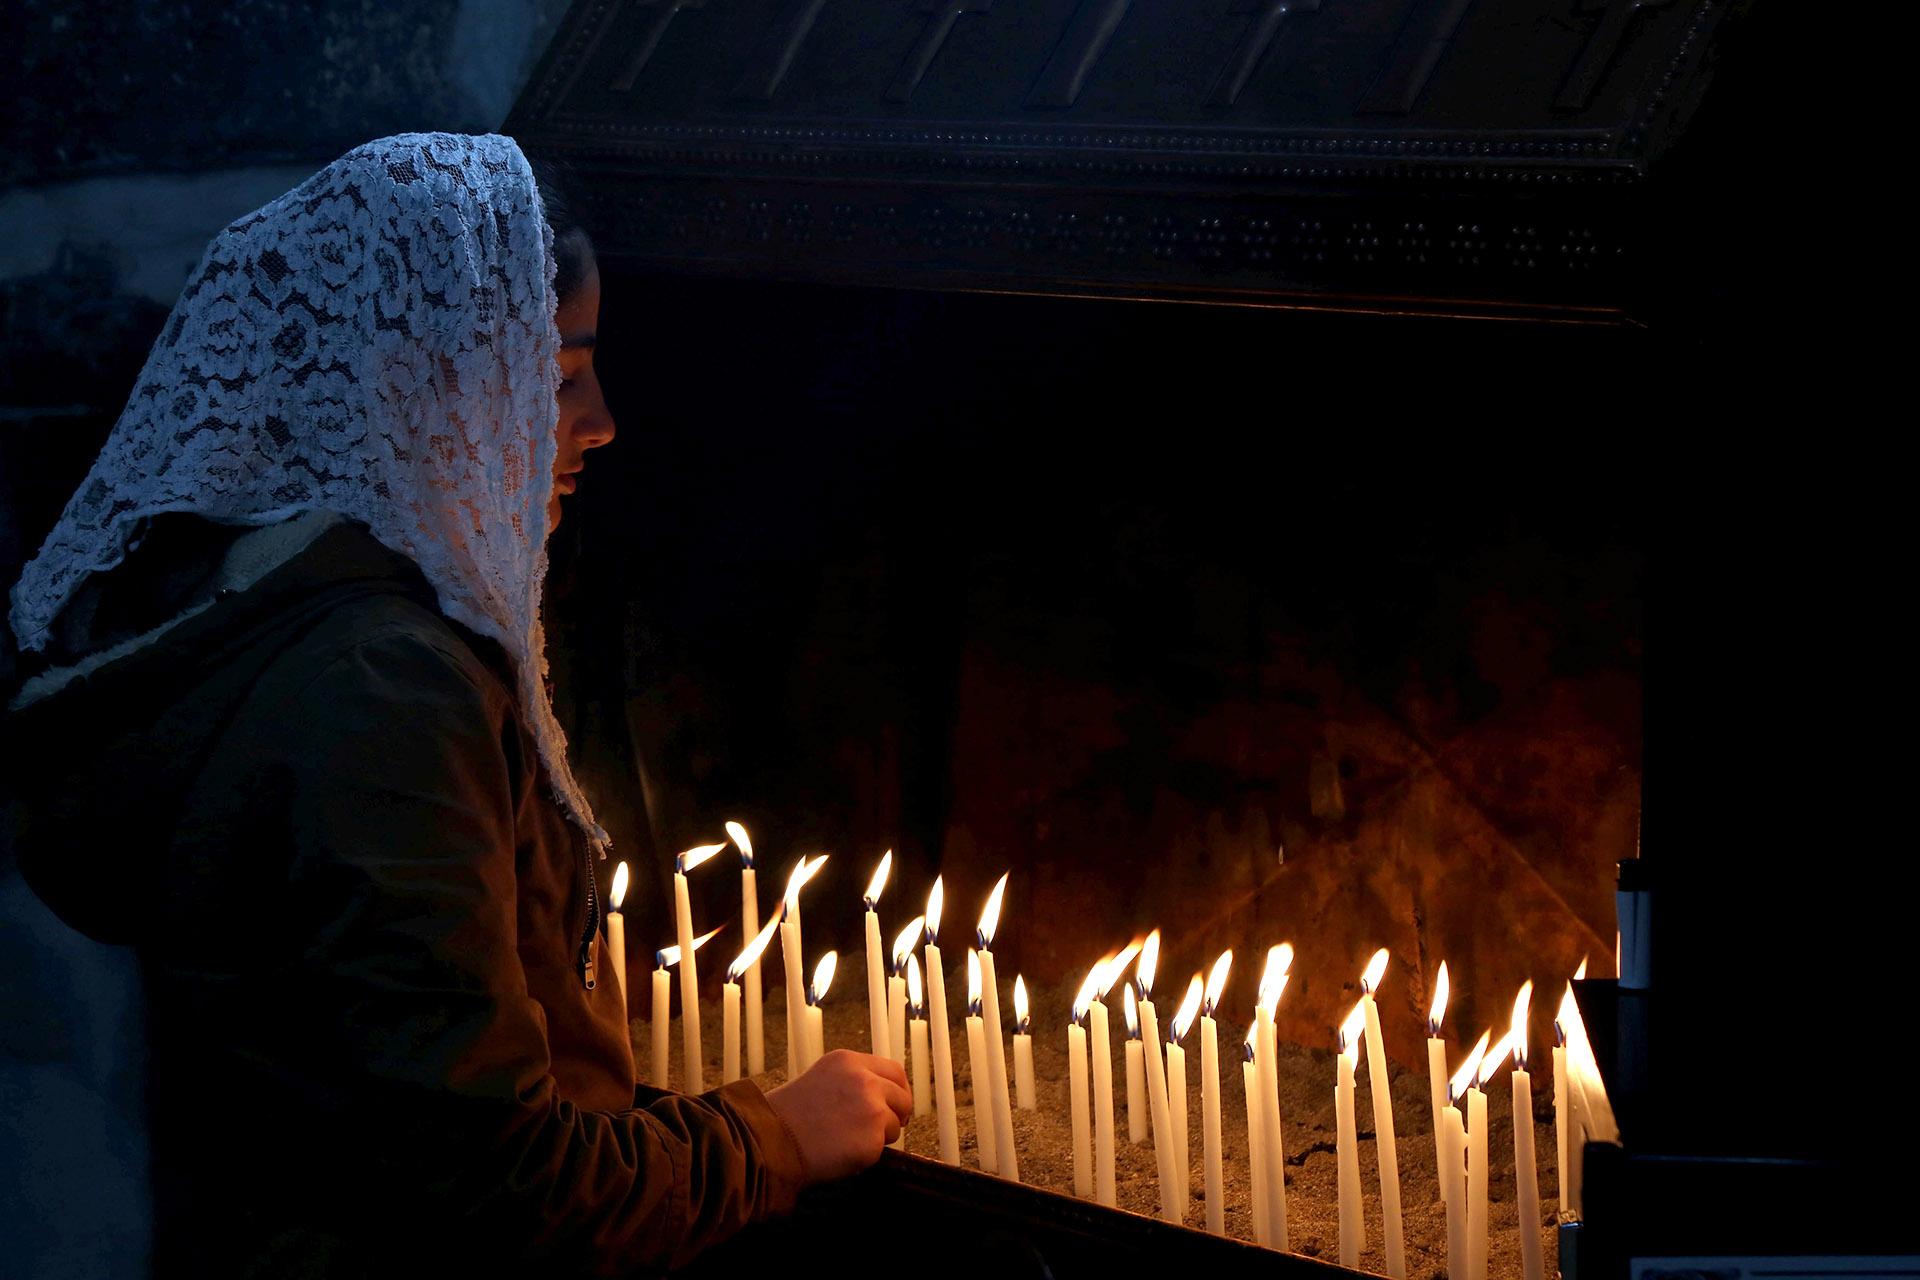 Una mujer cristiana enciende velas en una misa en Siria